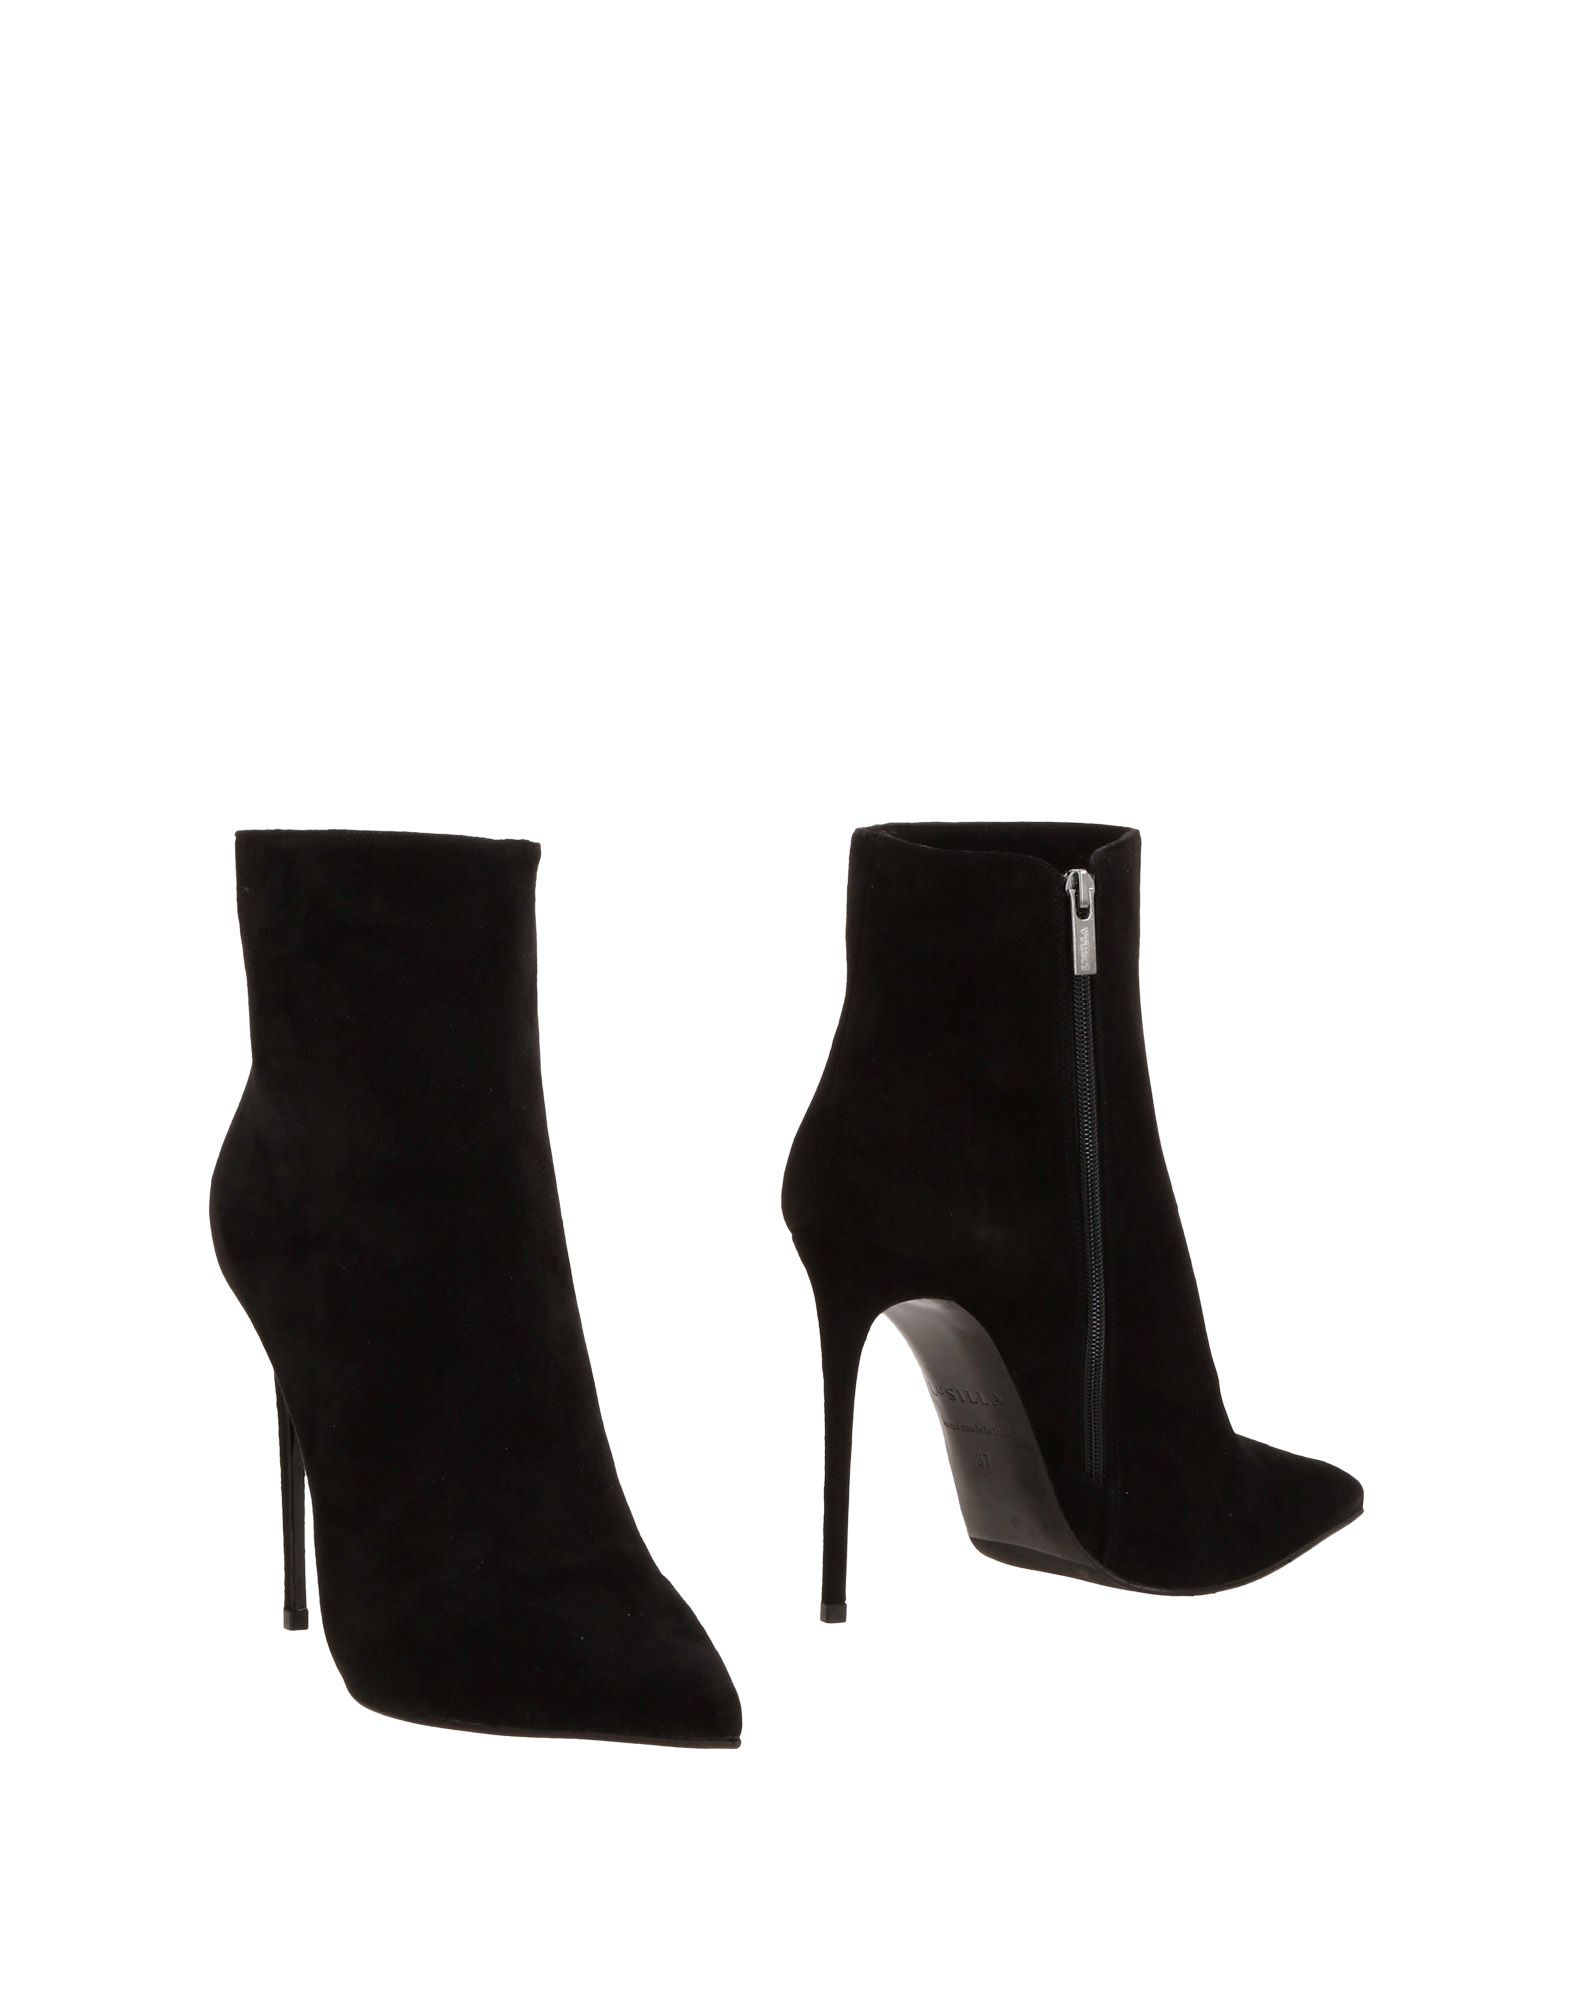 Le Silla Stiefelette Damen  11459735AIGünstige gut aussehende Schuhe